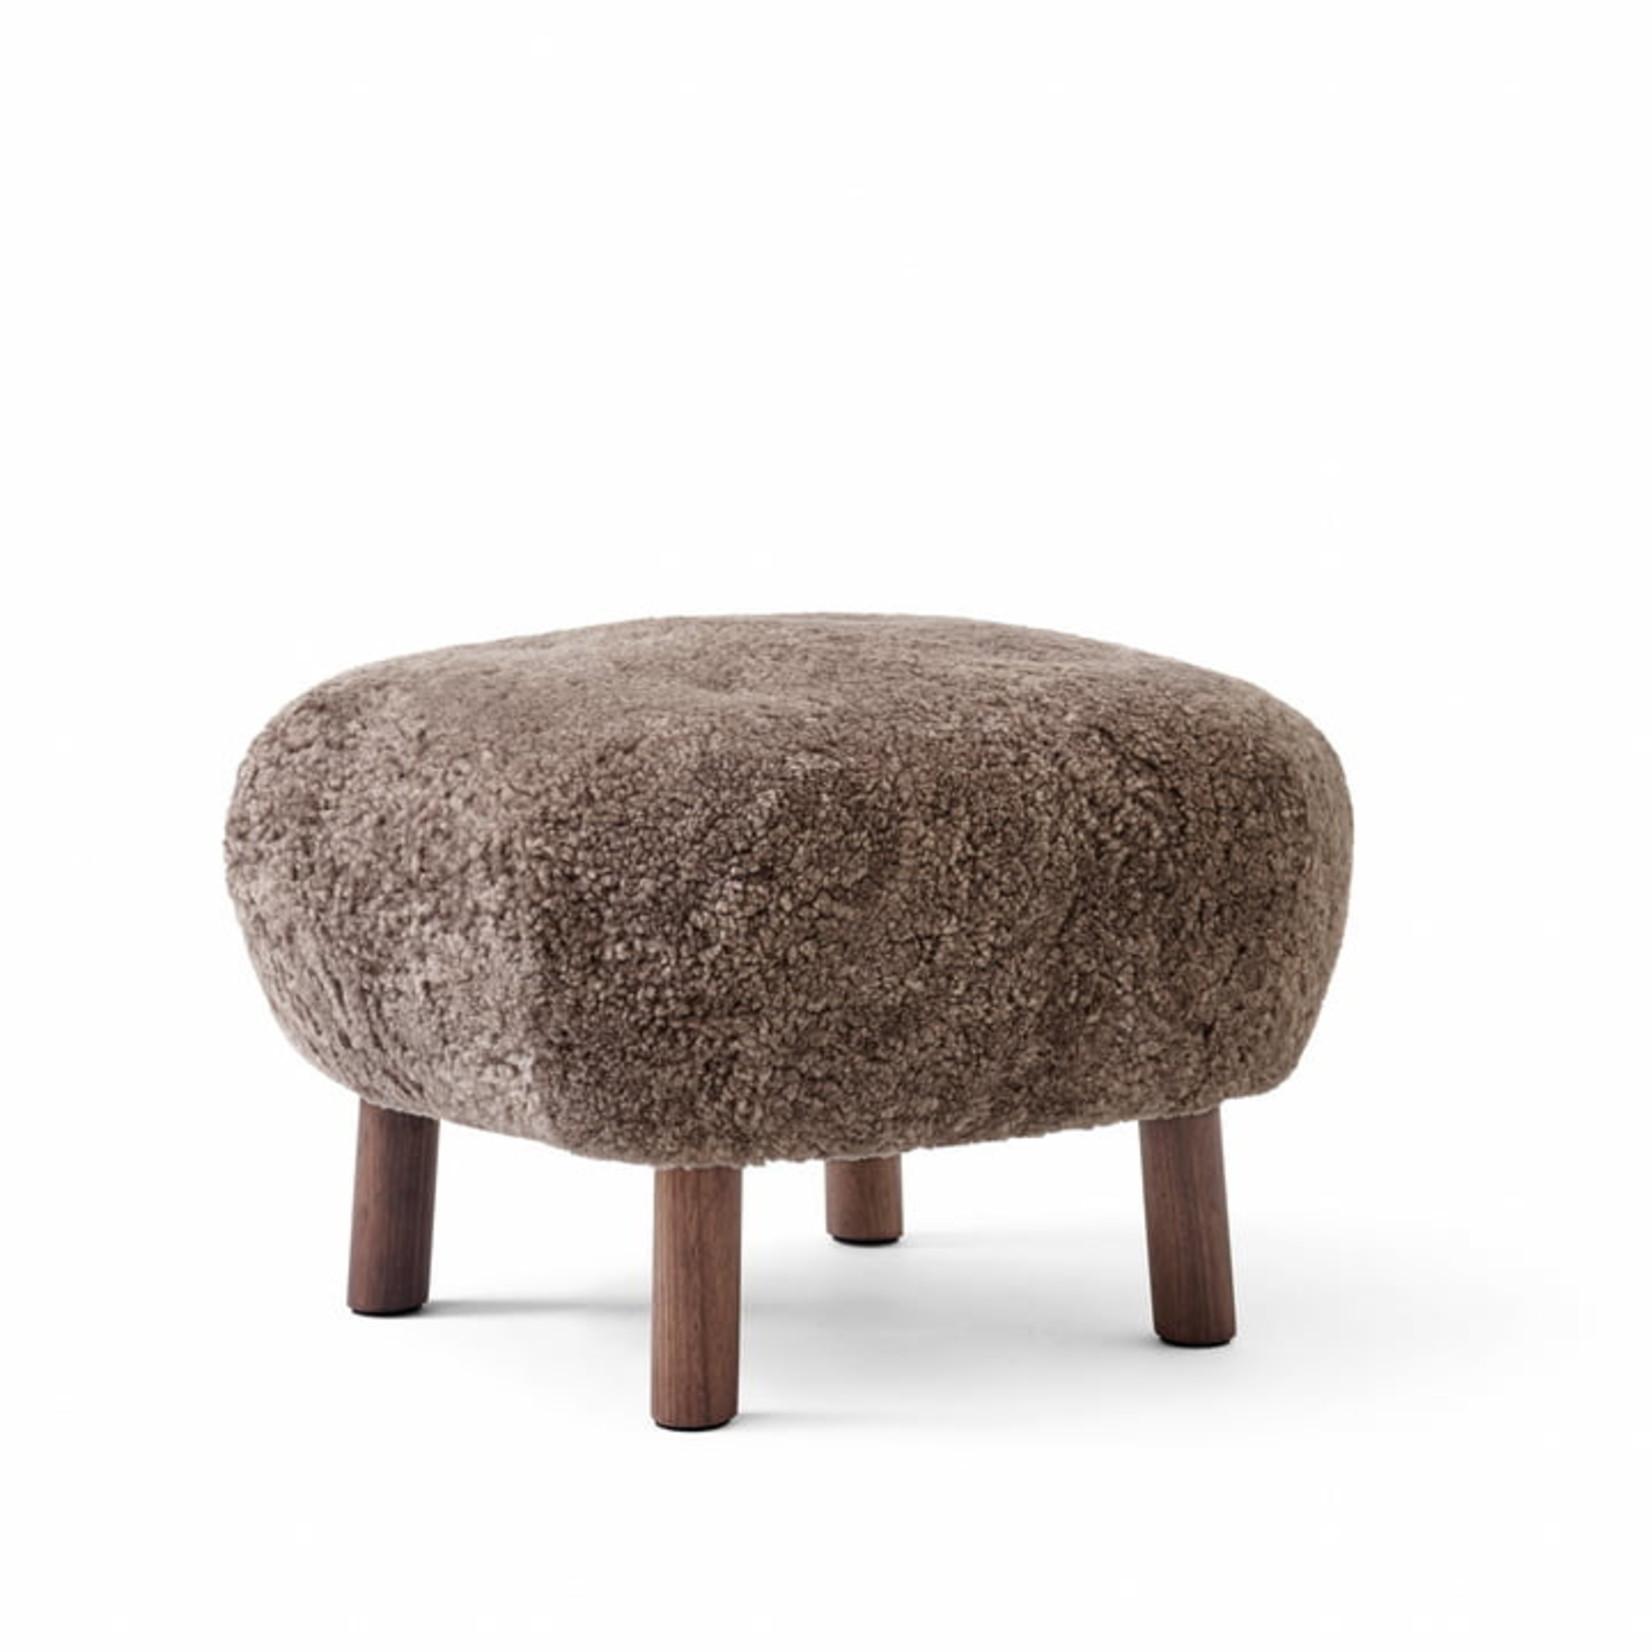 &Tradition Pouf ATD1 | Oiled Walnut w. Sheepskin Sahara